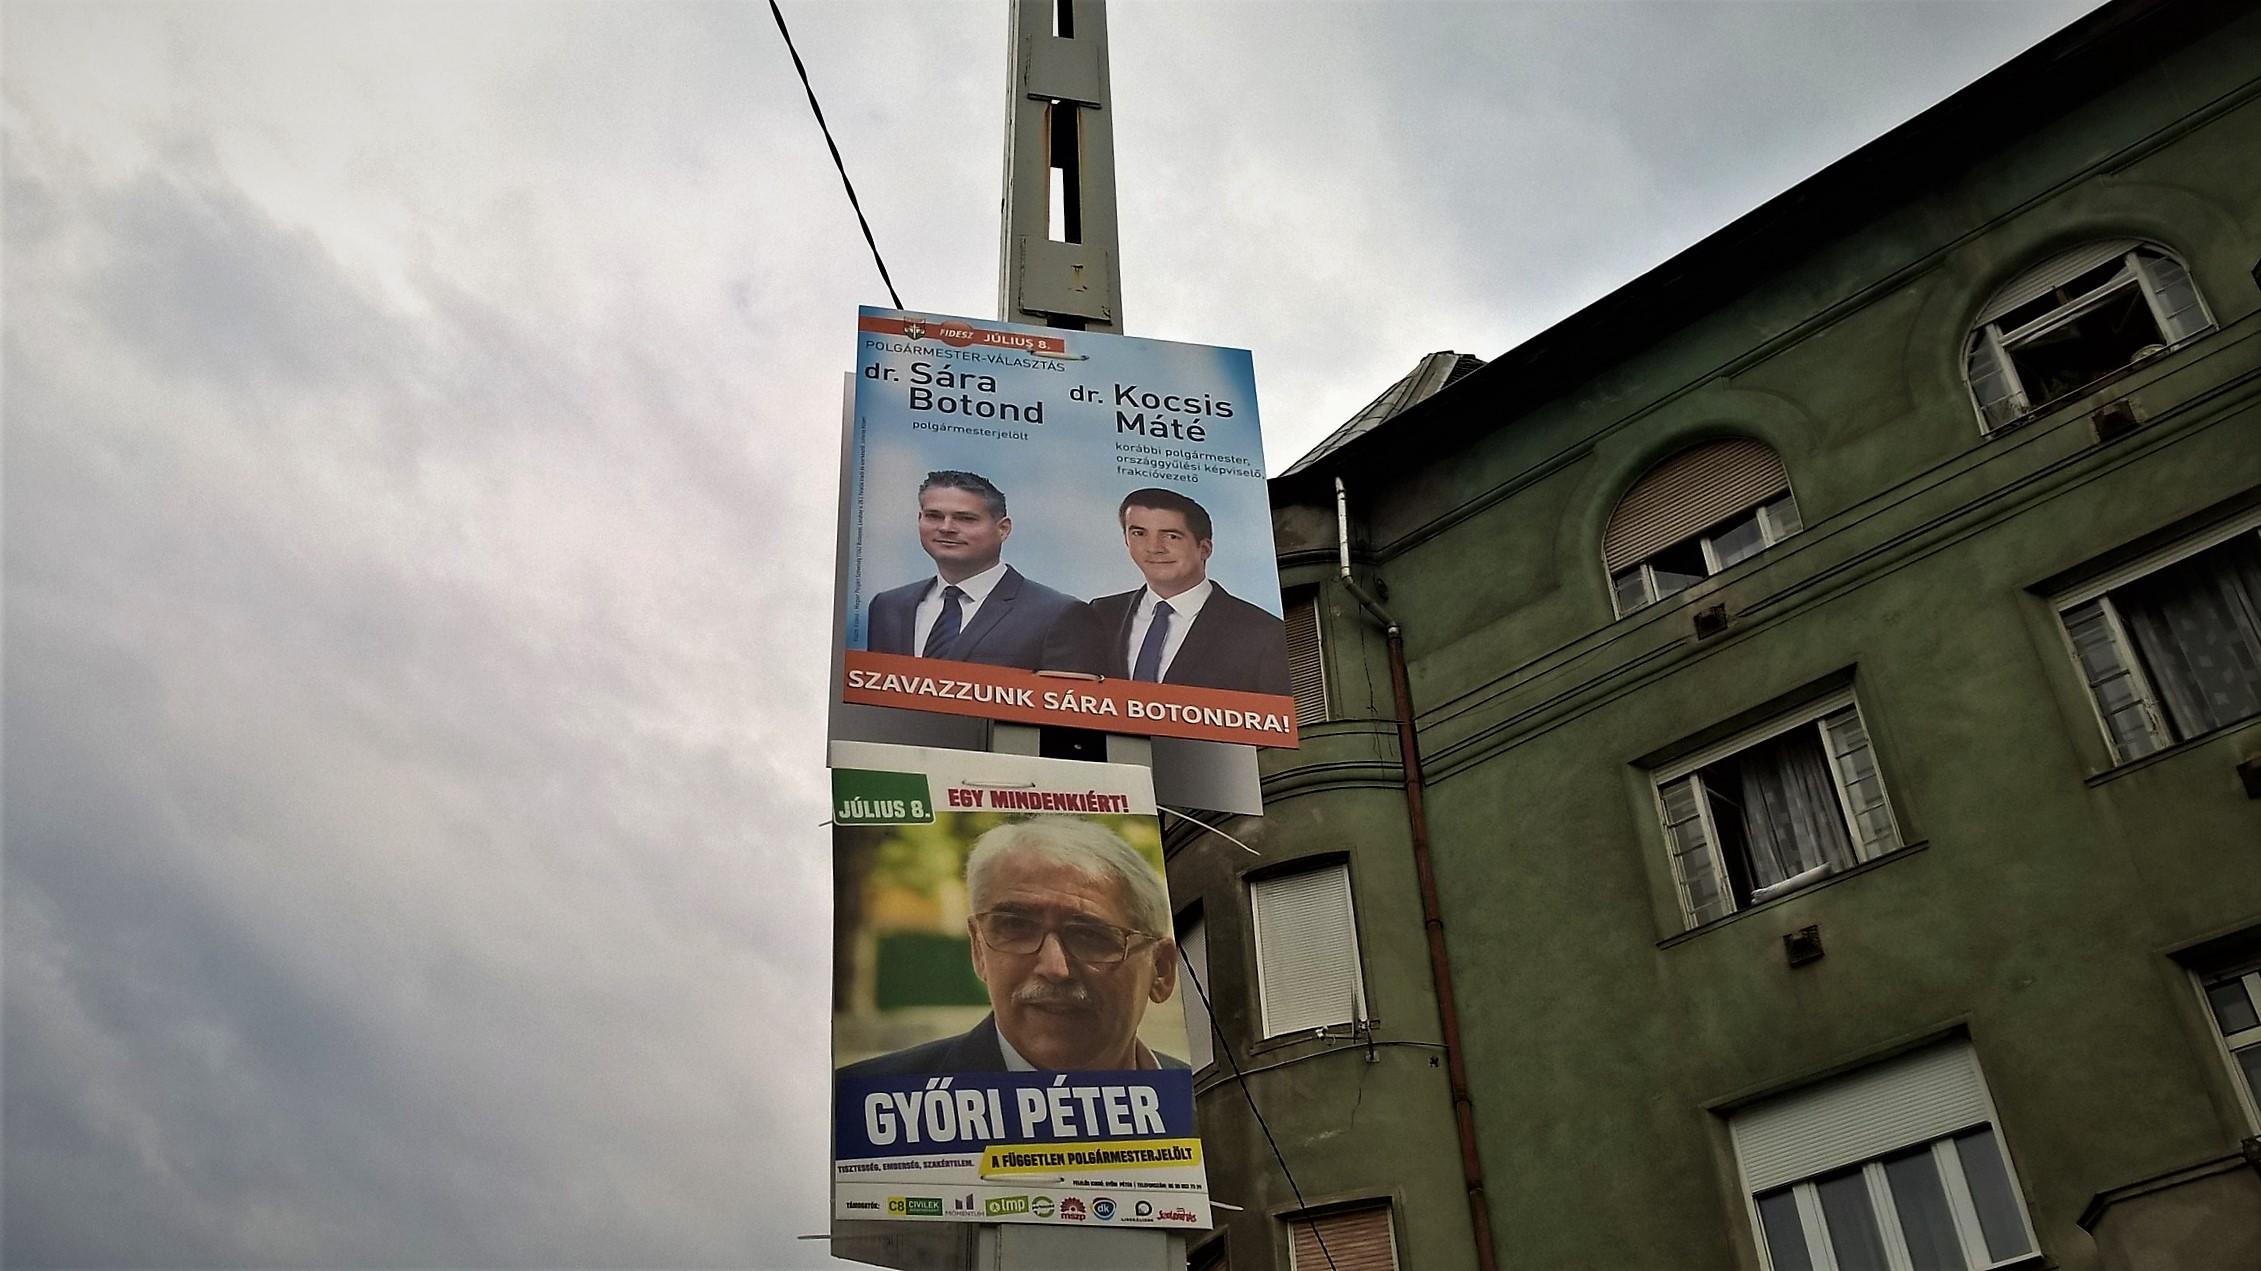 Pert nyert az MSZP, ingyen lehet kitenni a választási plakátokat a budapesti villanyoszlopokra